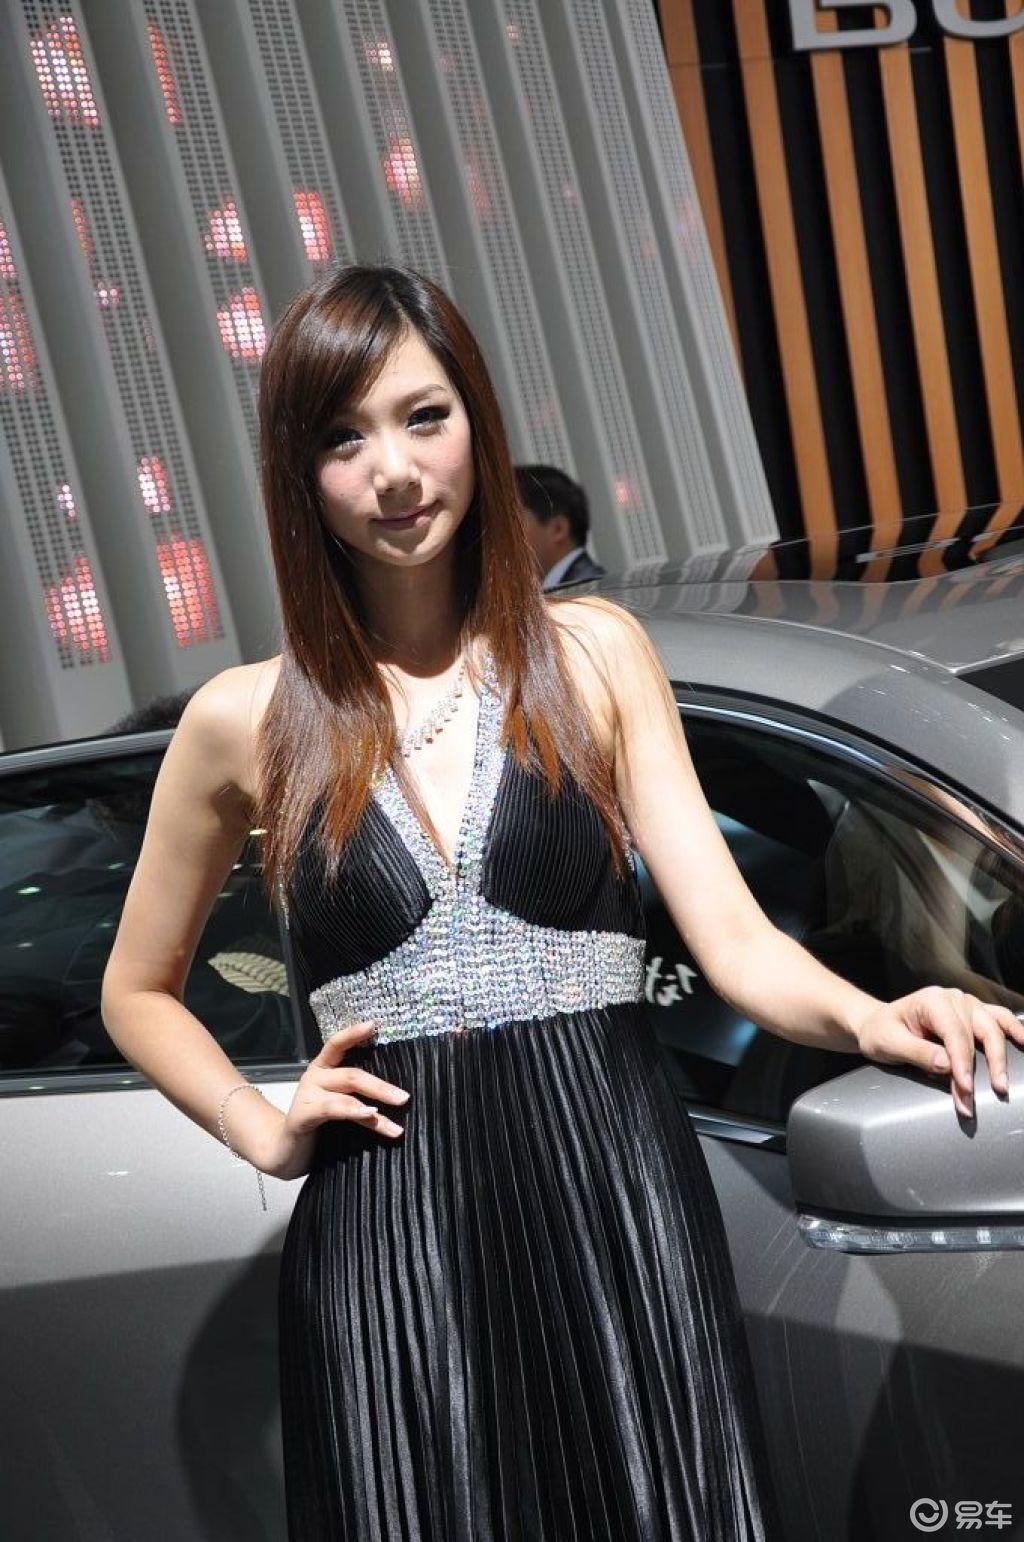 【小可爱女生图片】-易车网bitauto.com